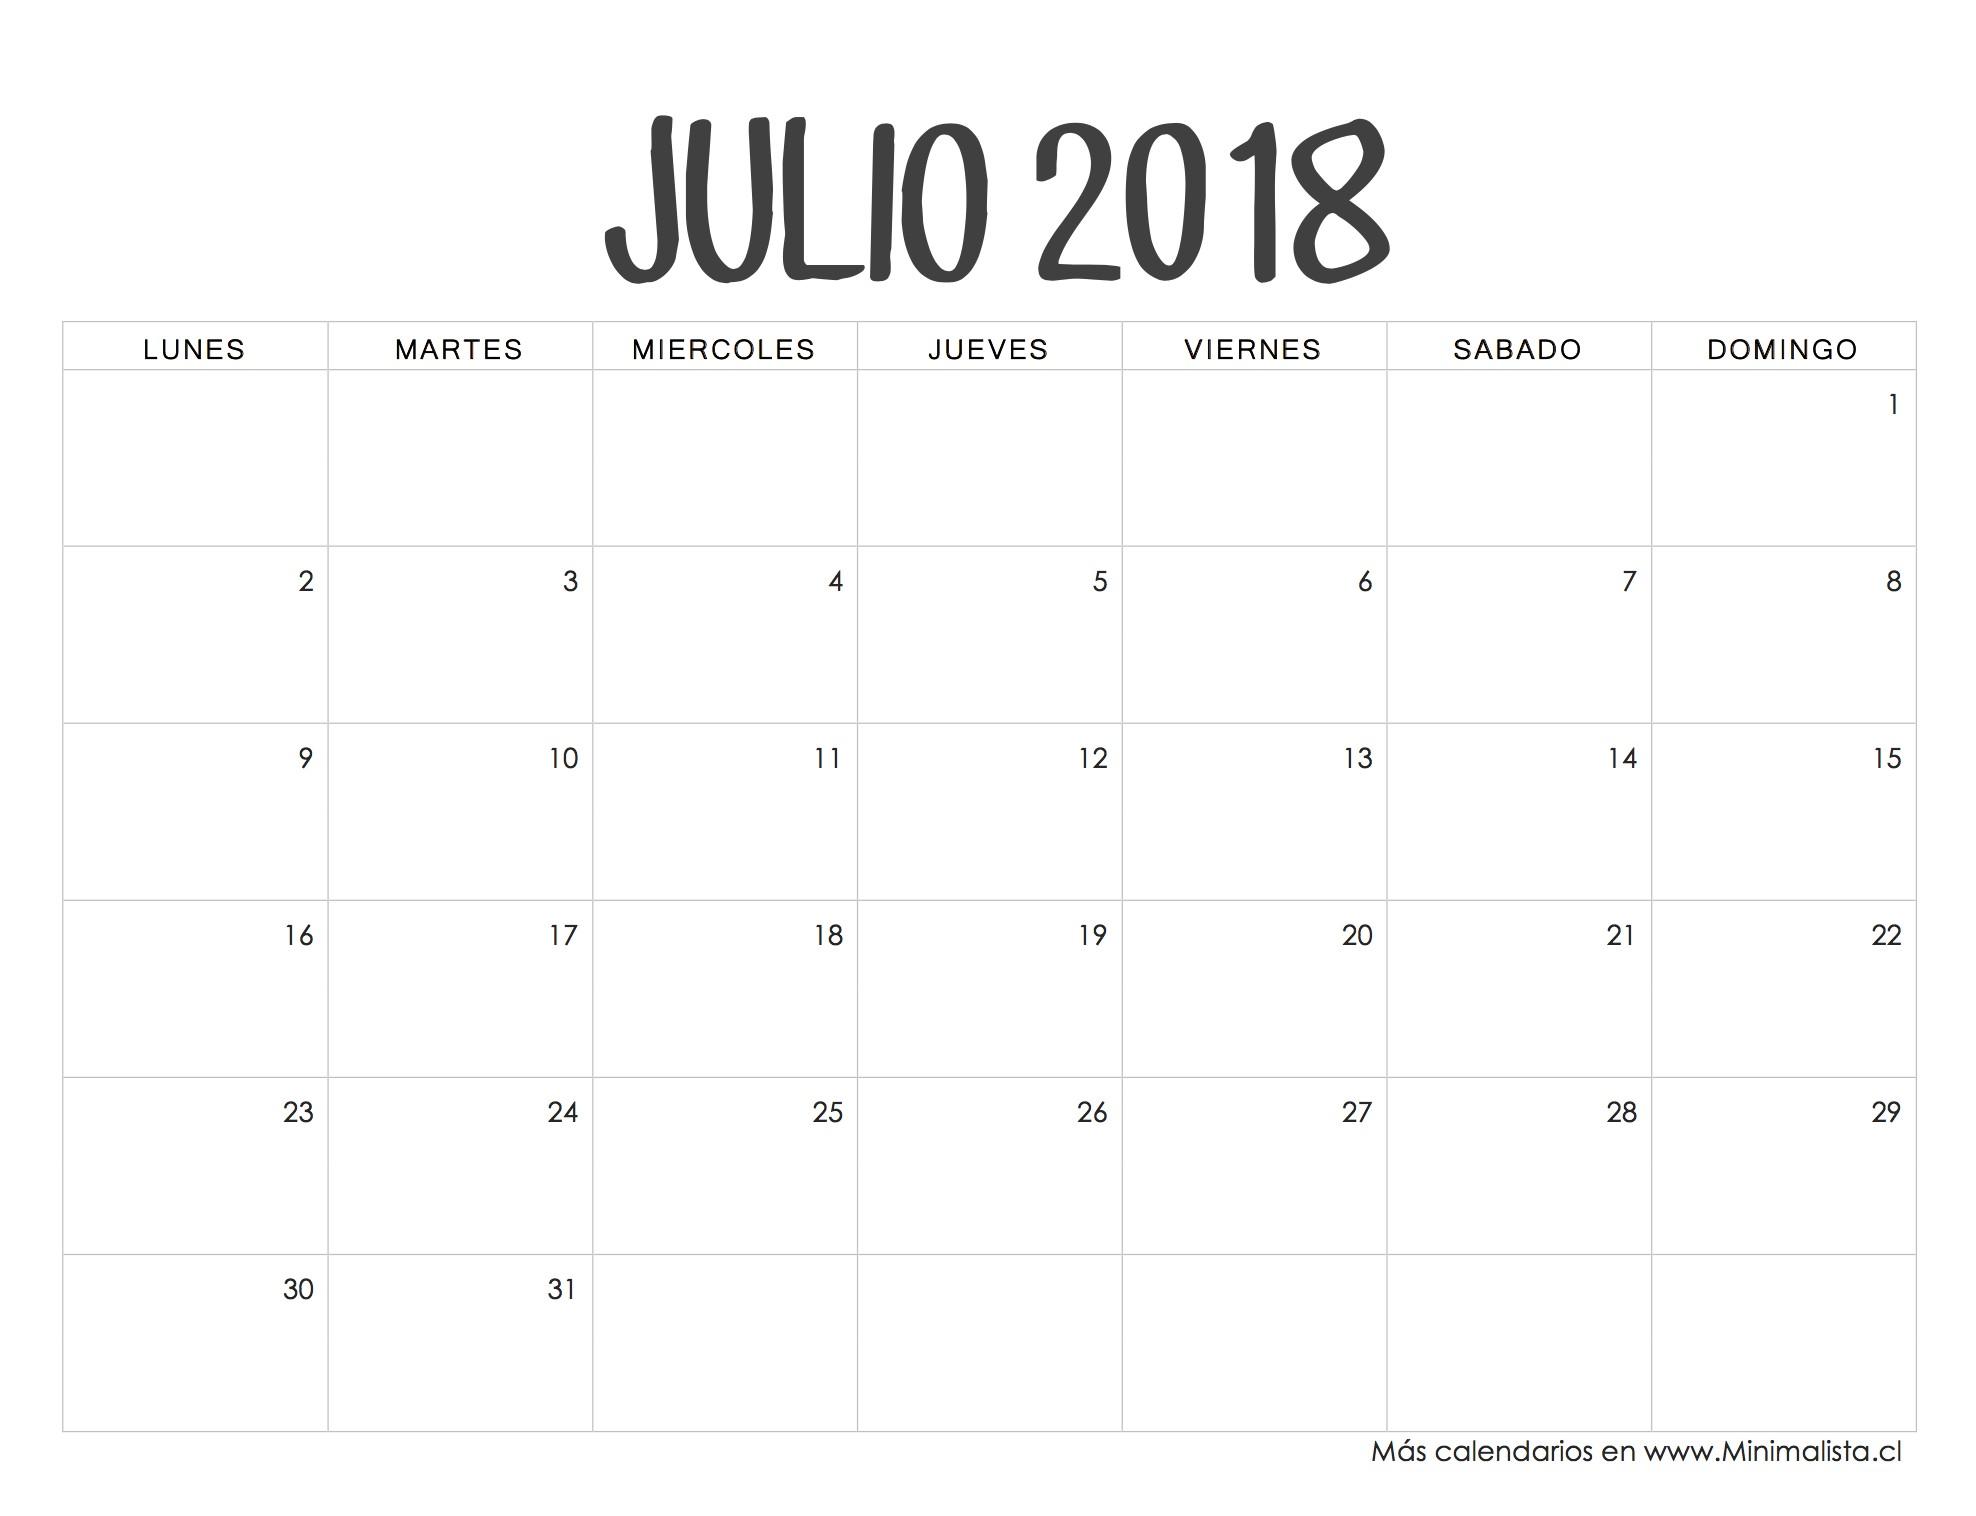 Calendario Imprimir Mundial 2019 Más Recientemente Liberado Calendario Julio 2019 Bullet Joanar Pinterest Of Calendario Imprimir Mundial 2019 Más Recientes Calendario Scouts Msc 2019